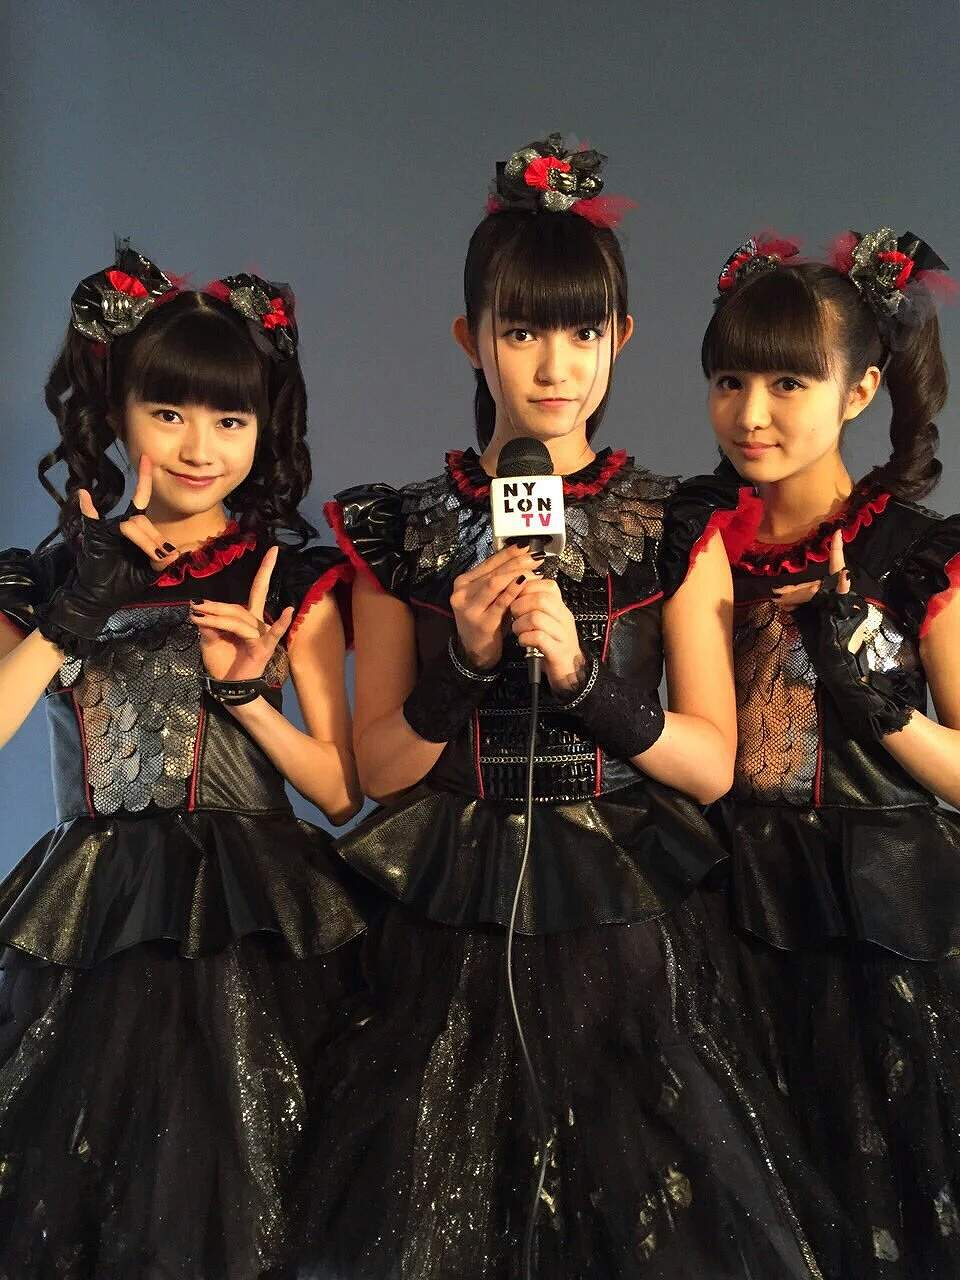 ステージ衣装を着たBABYMETALメンバー(ベビメタのYUIMETAL、SU-METAL、MOAMETAL)